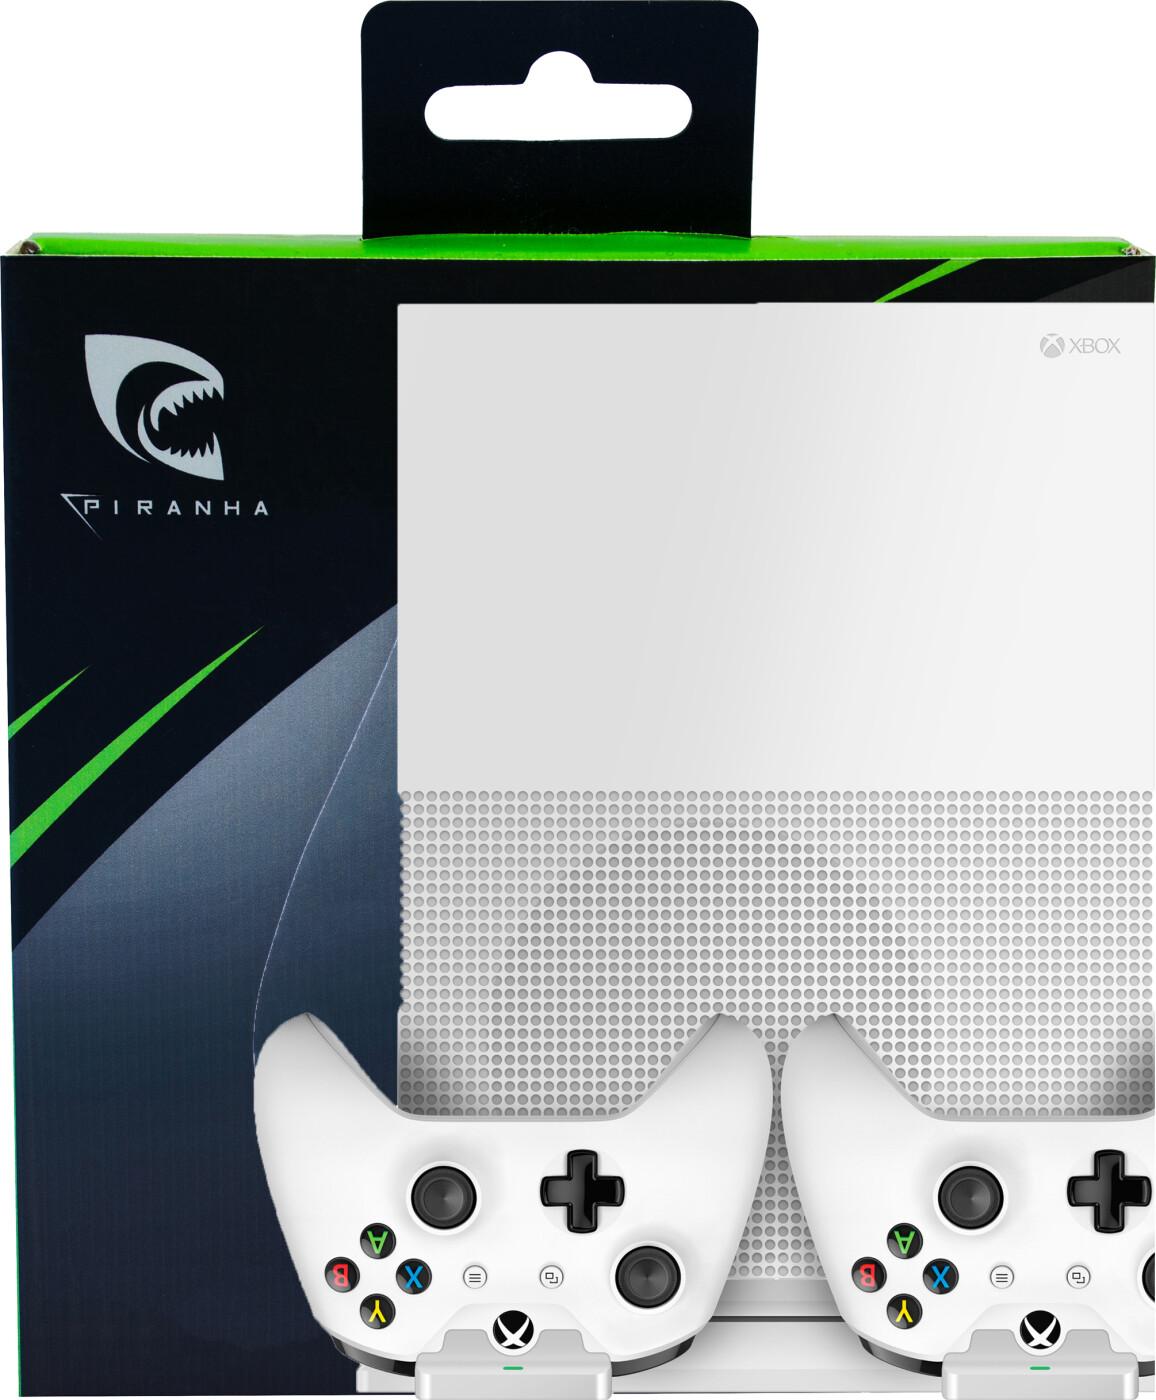 Billede af Piranha Xbox One S Stand Med Ladefunktion